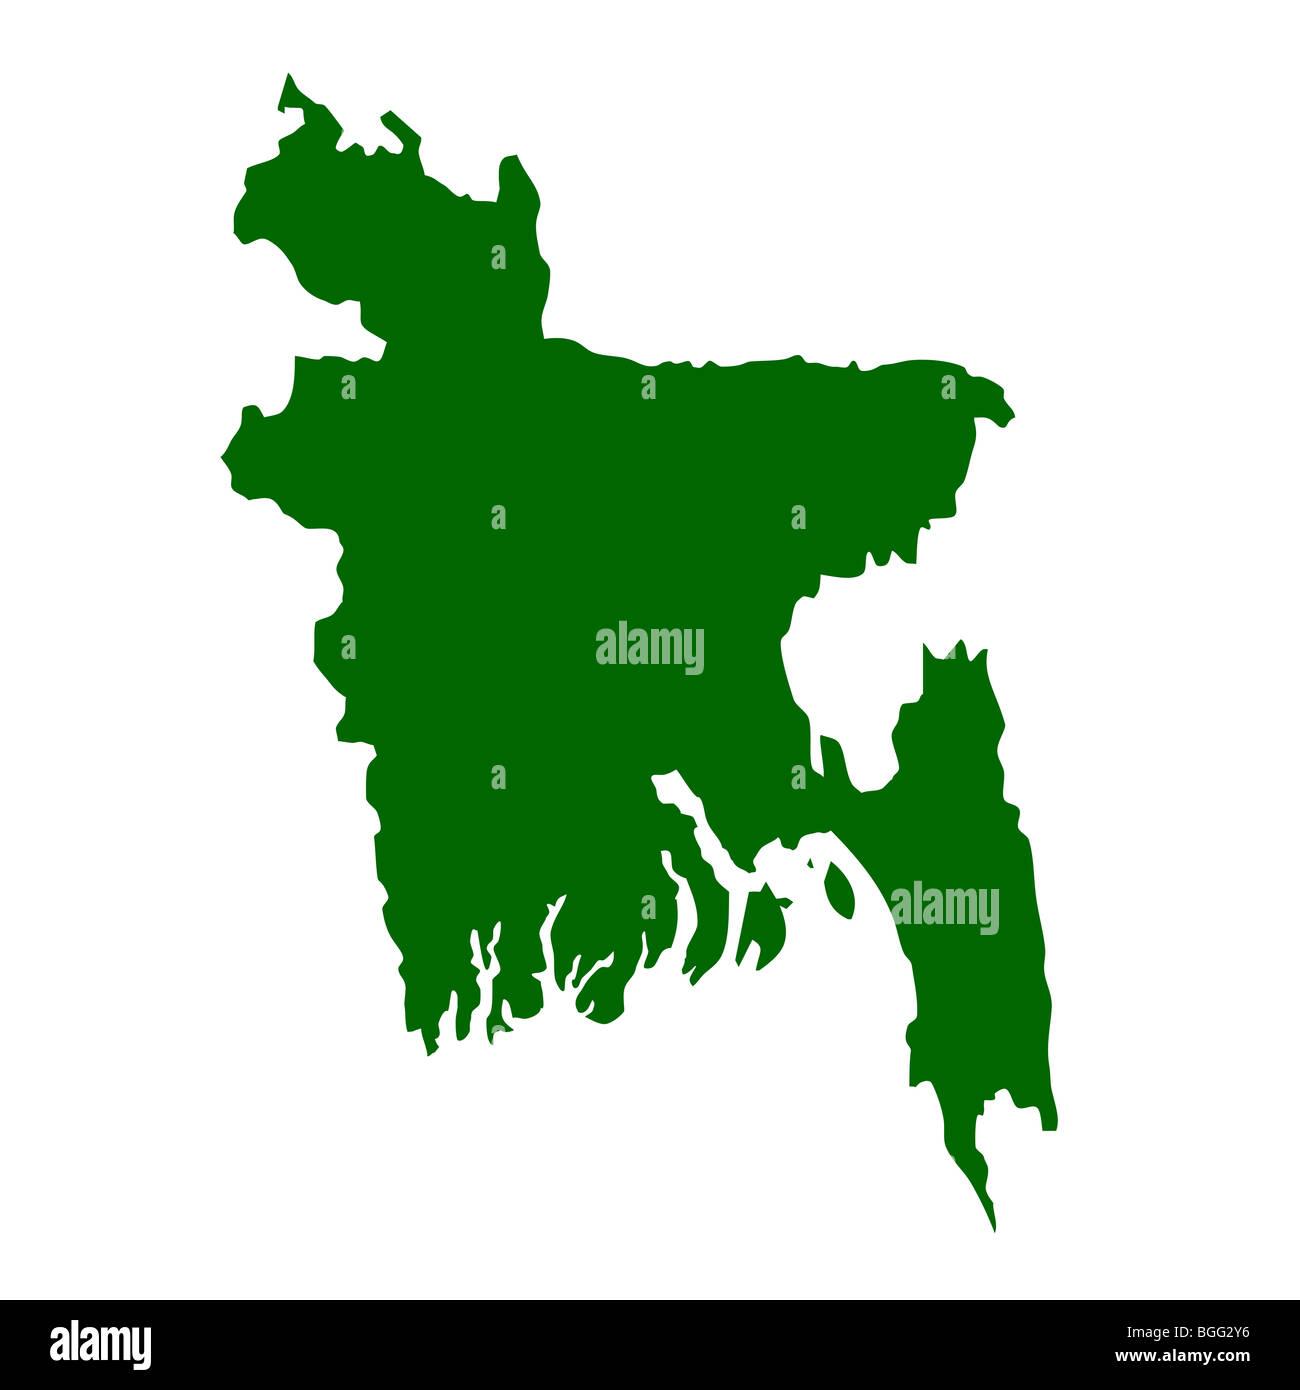 Naher Osten Karte Ohne Beschriftung.Bangladesch Karte Stockfotos Bangladesch Karte Bilder Alamy